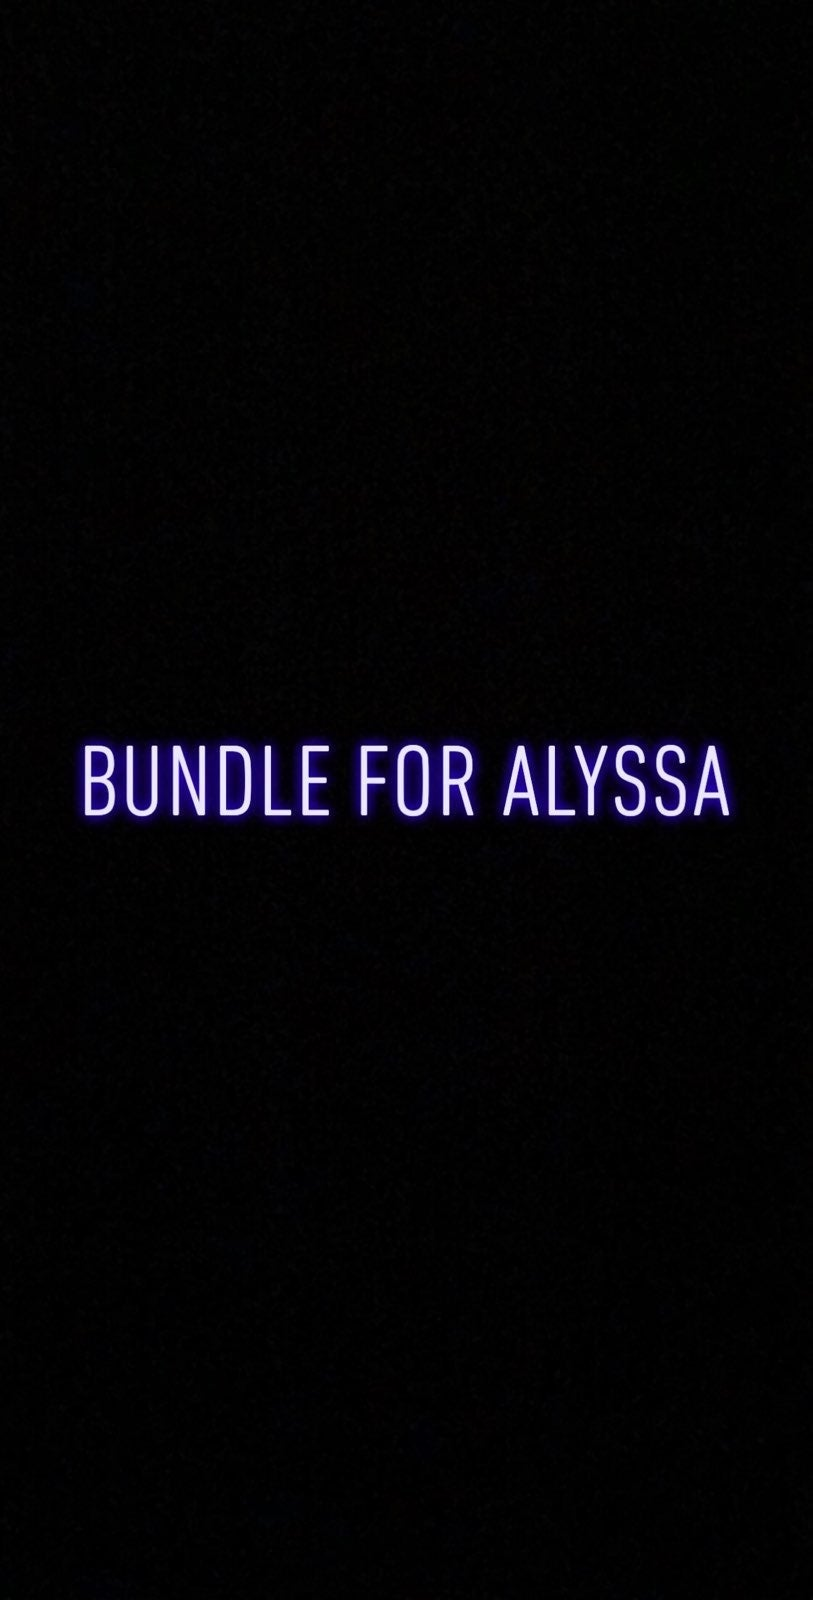 Bundle for Alyssa